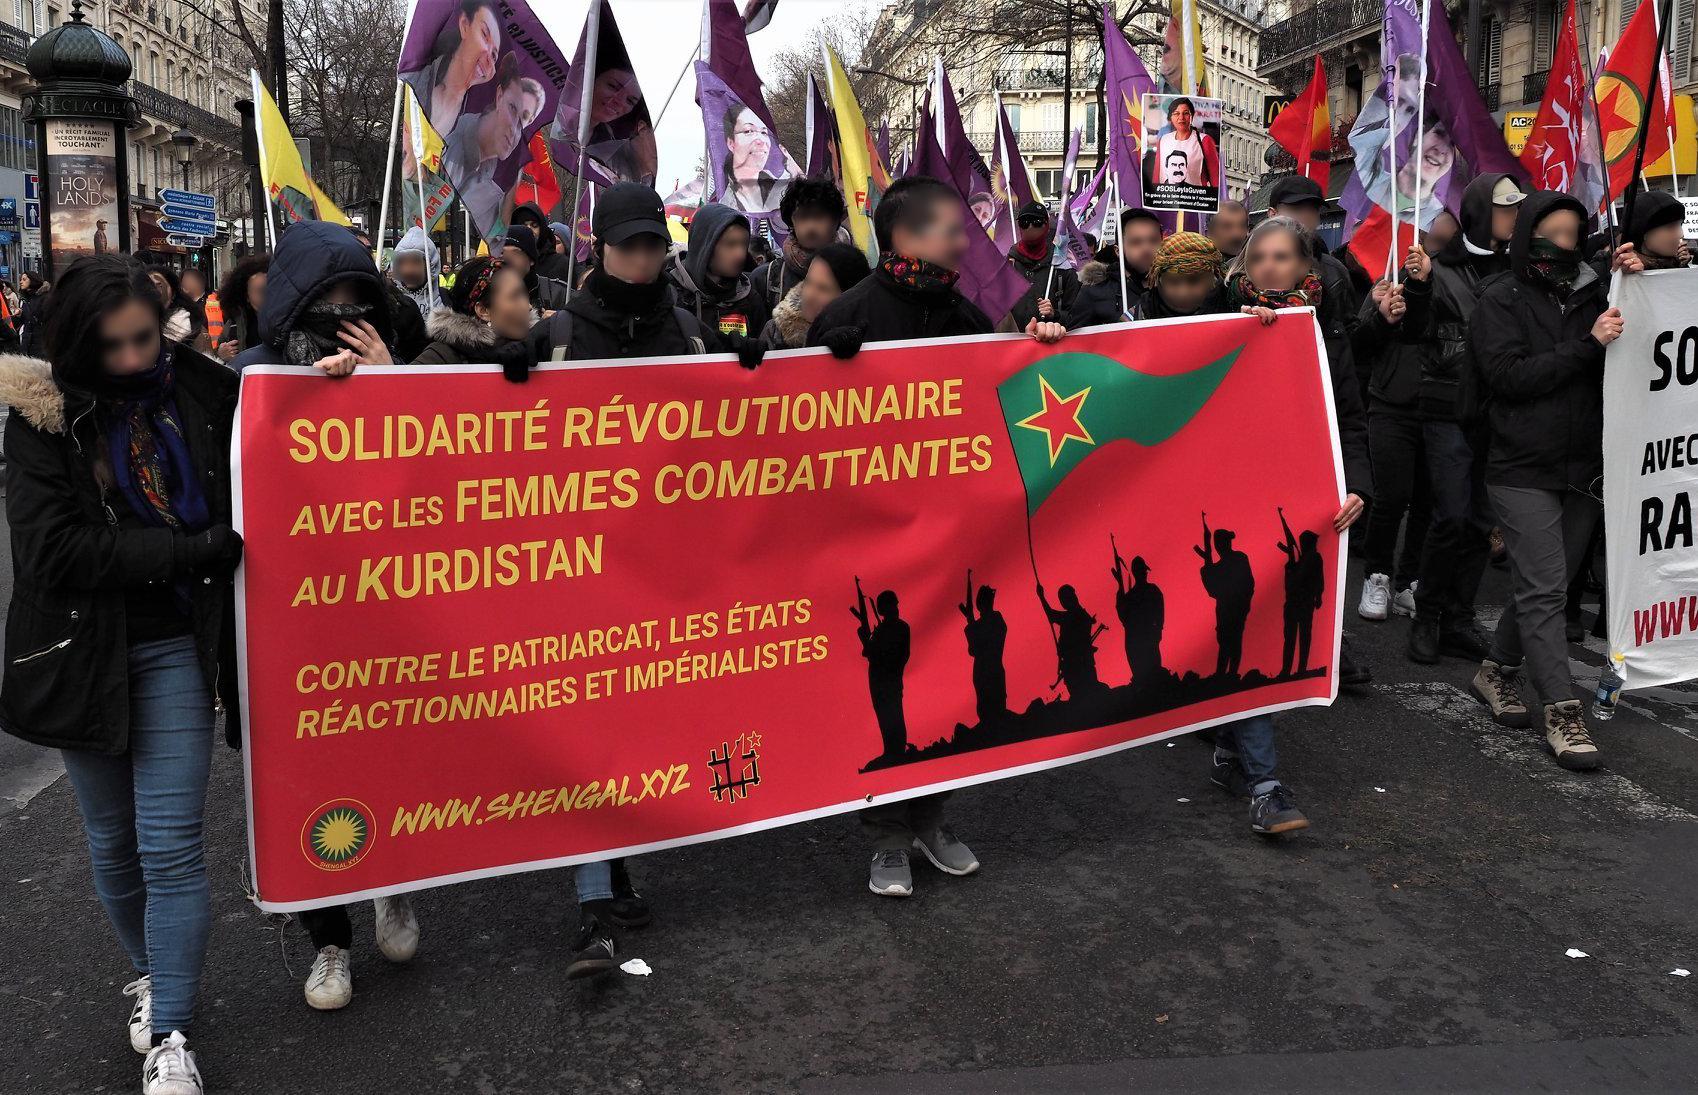 Banderole de la campagne Shengal - Secours Rouge (Belgique)